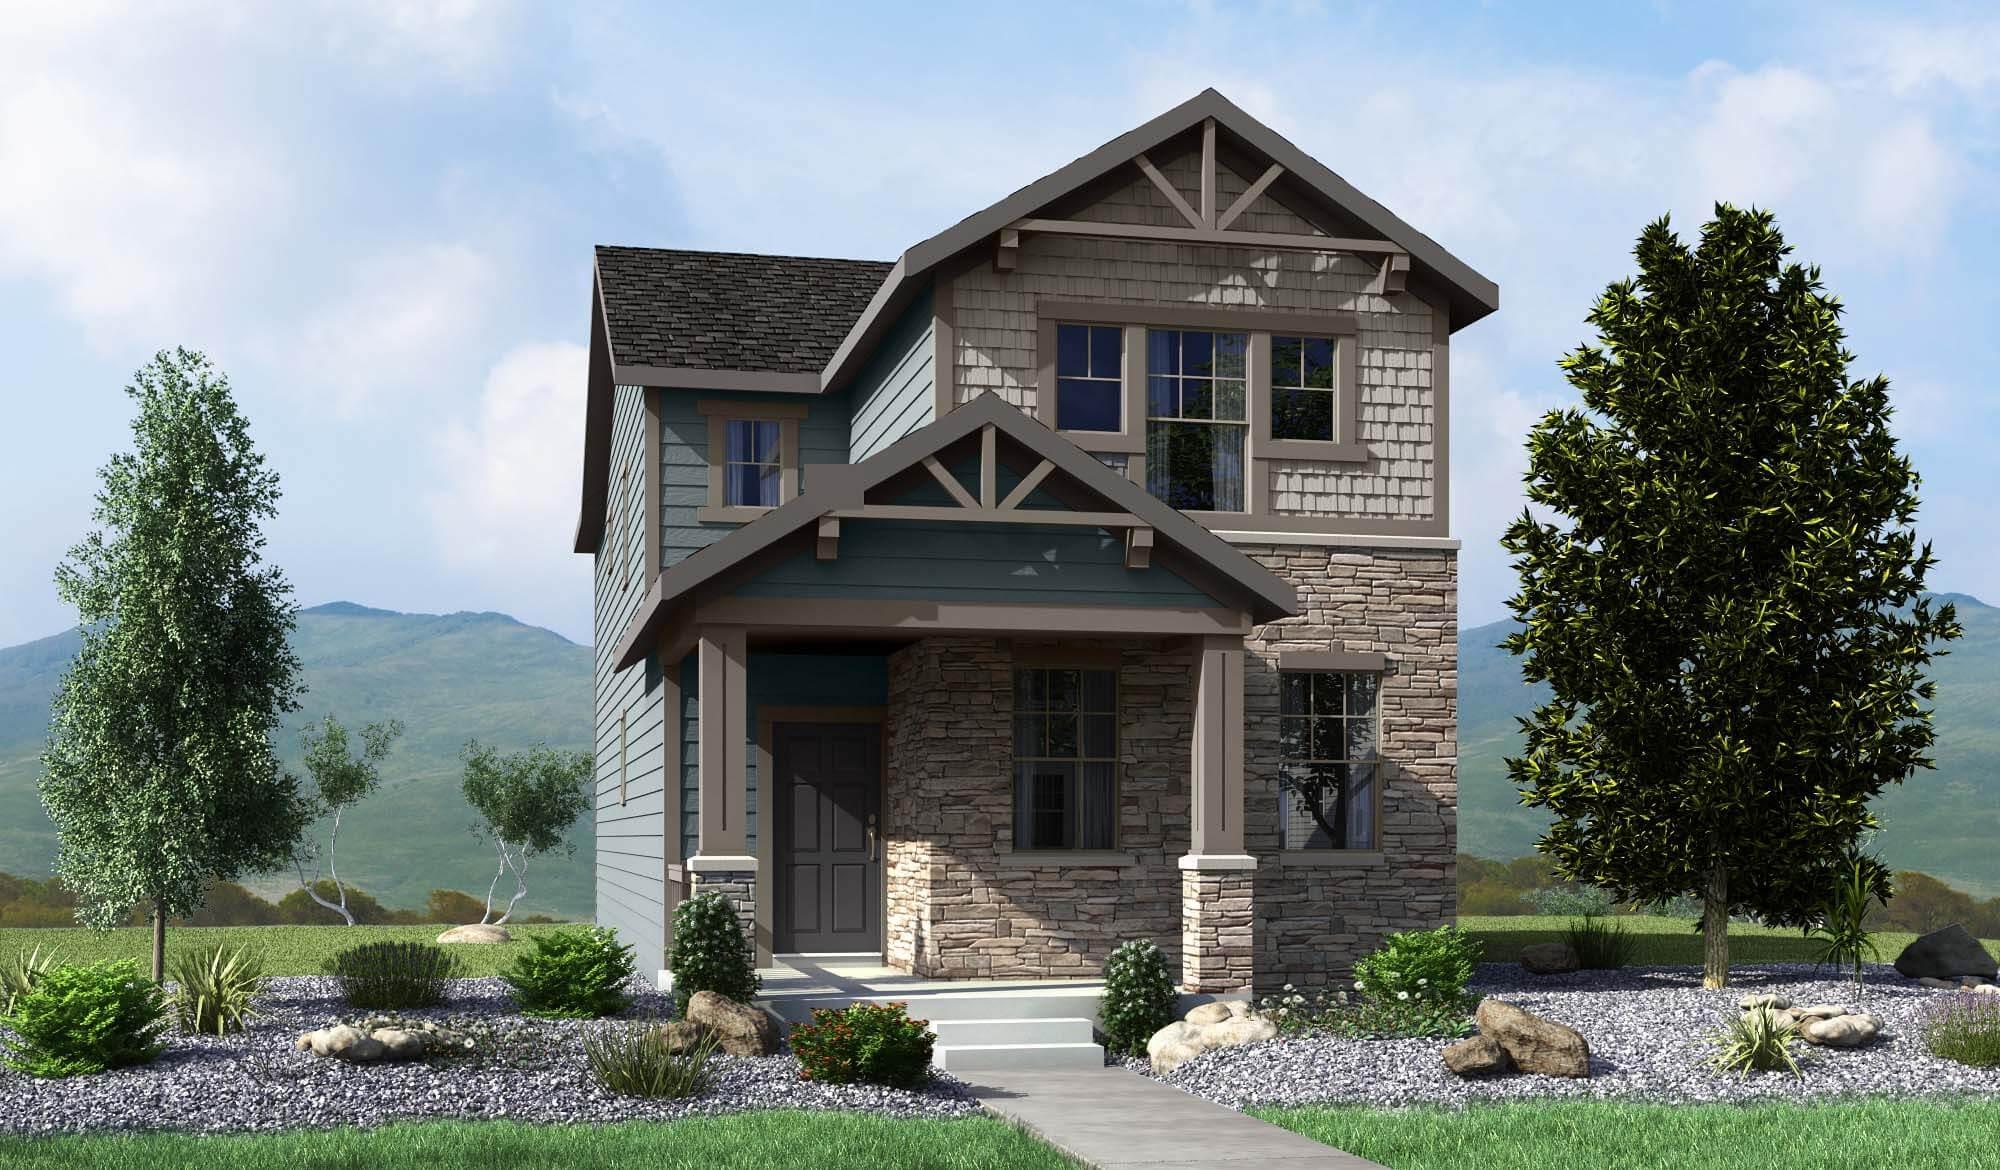 A52262_Village_Homes_Denver_Connection_22s_22C1_D_HERO20170509132601